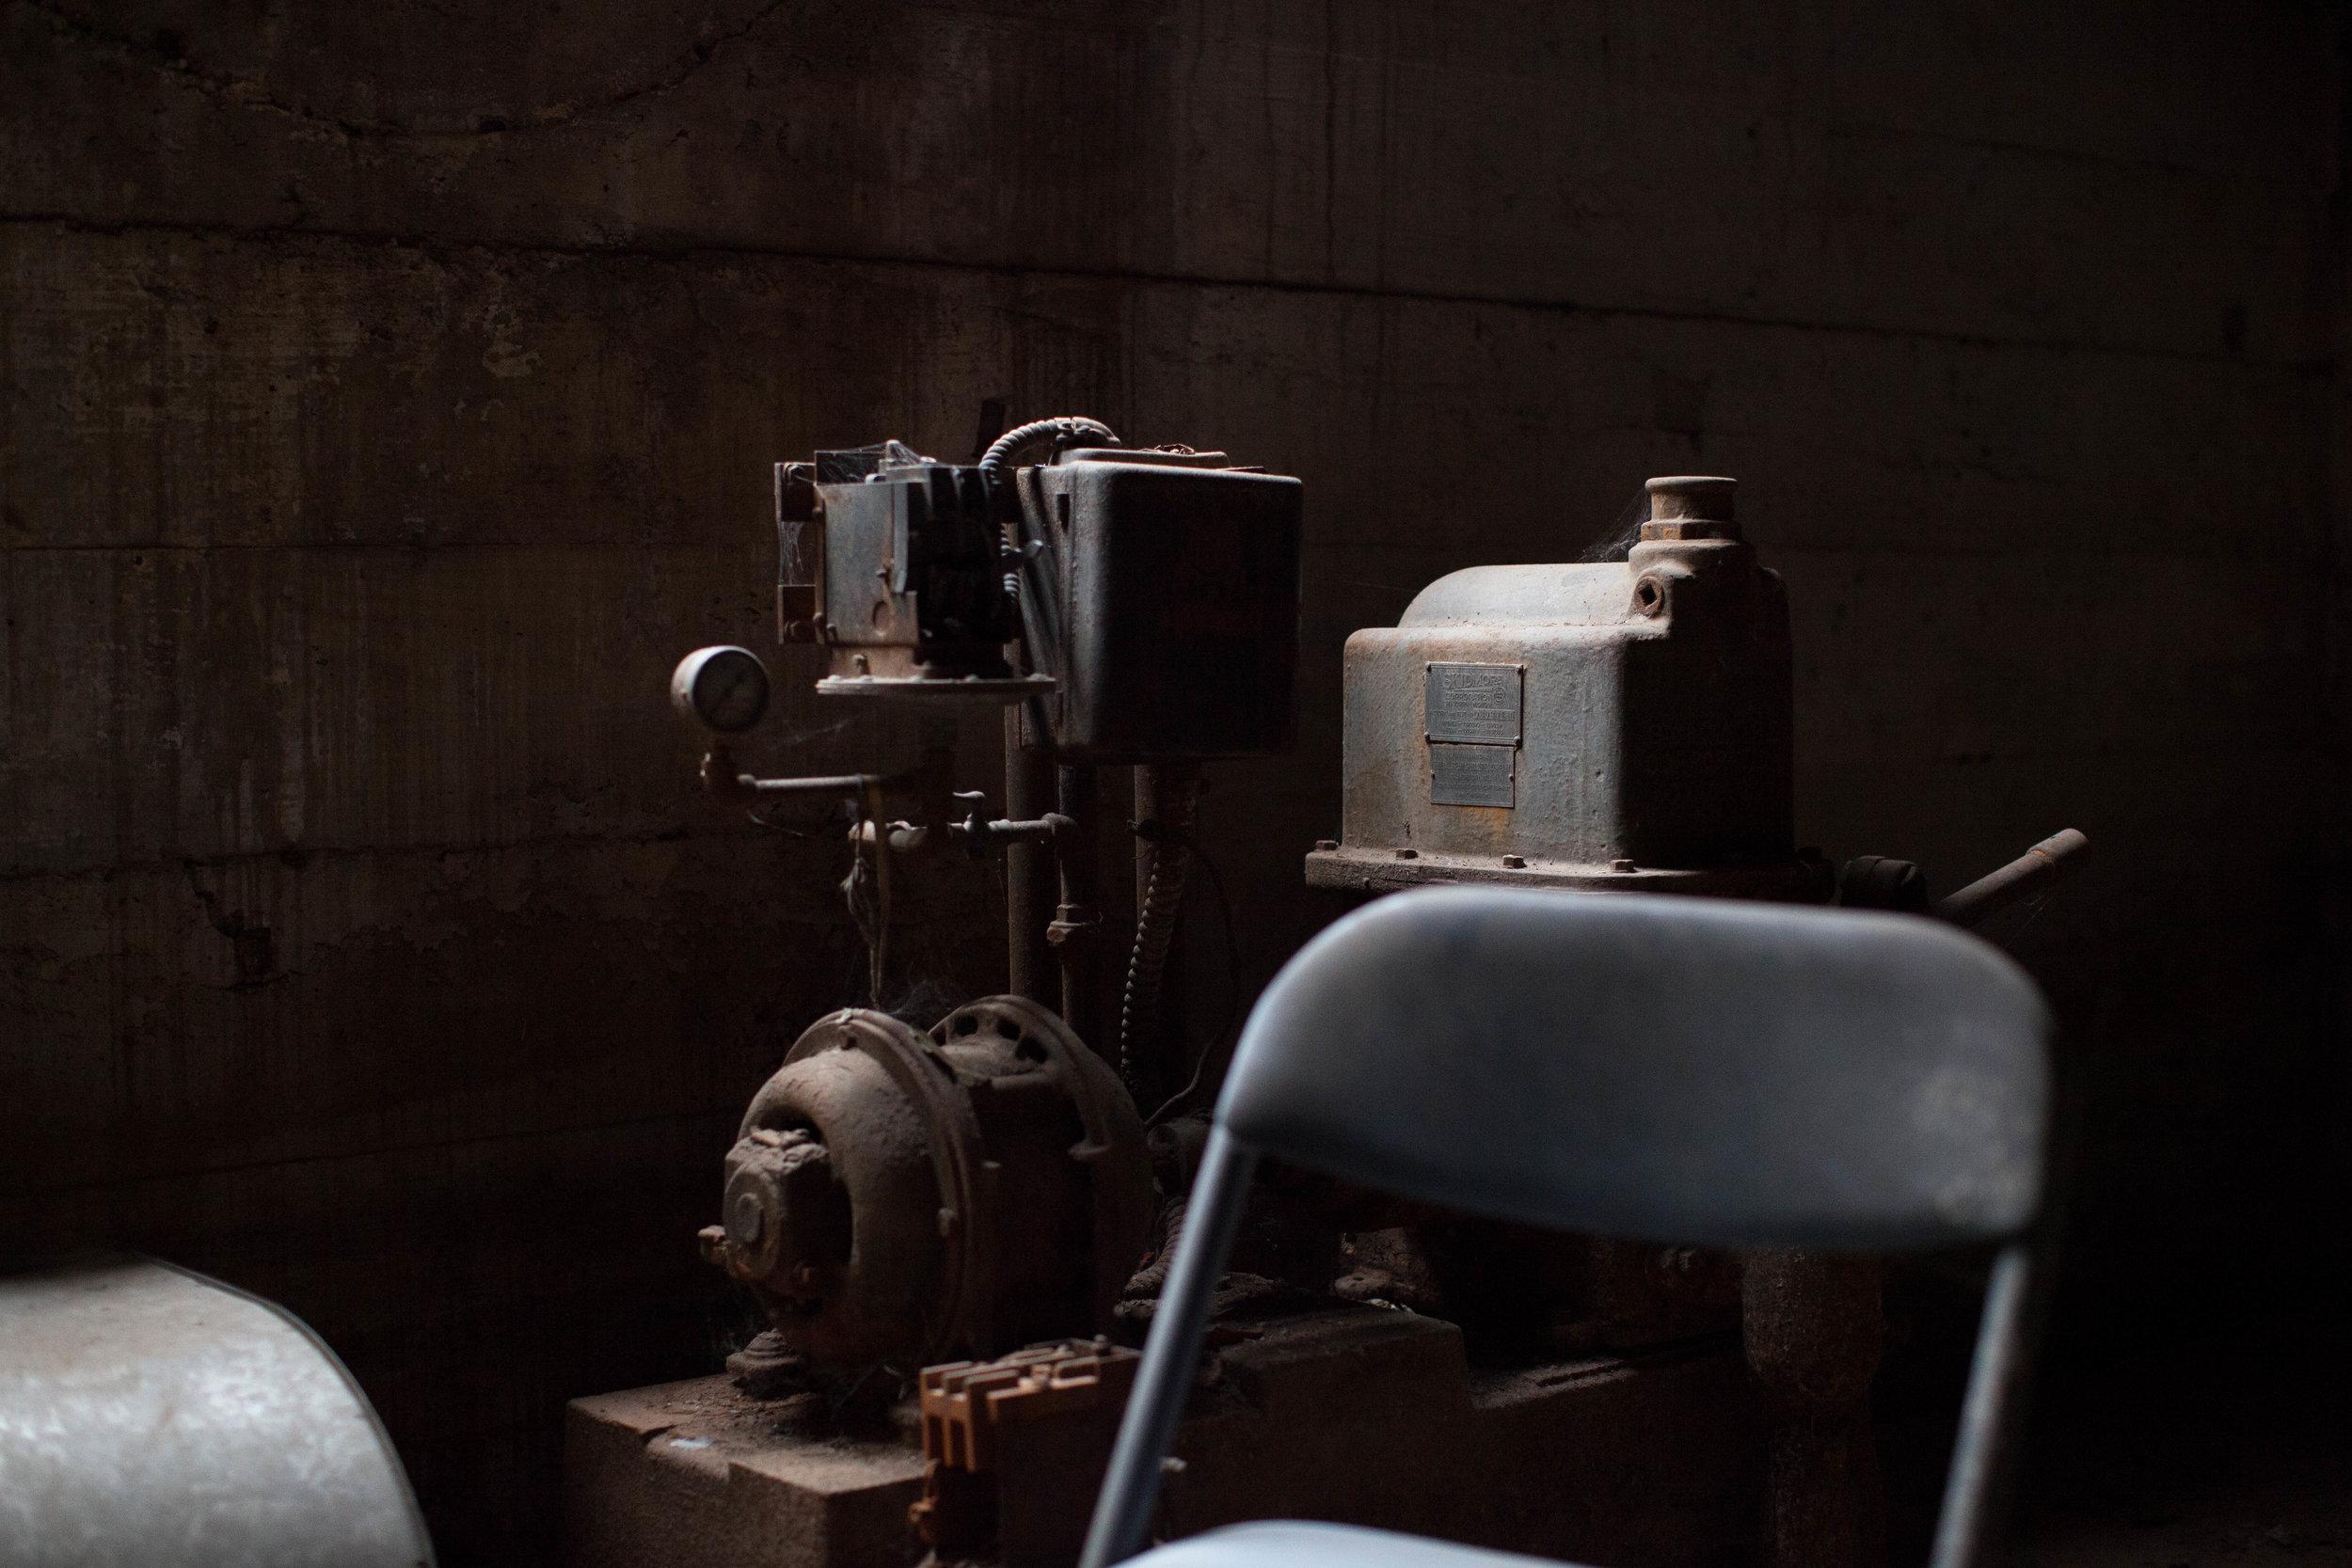 . - rov equipment